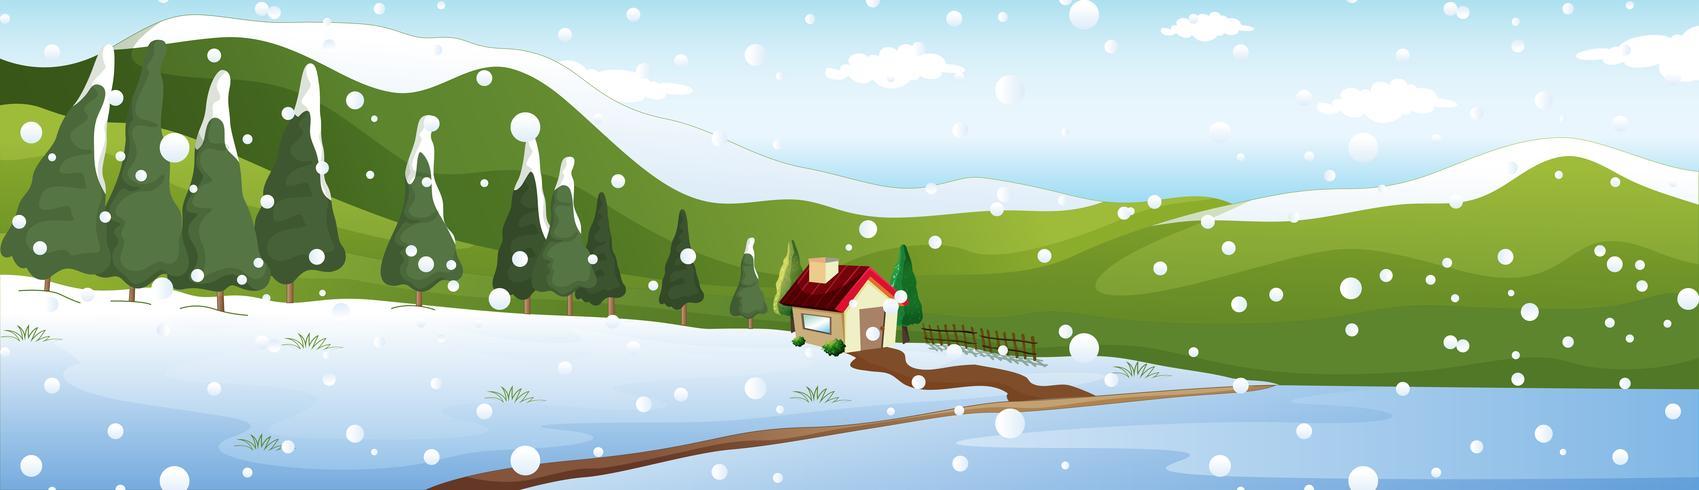 Scena di sfondo con casa in inverno